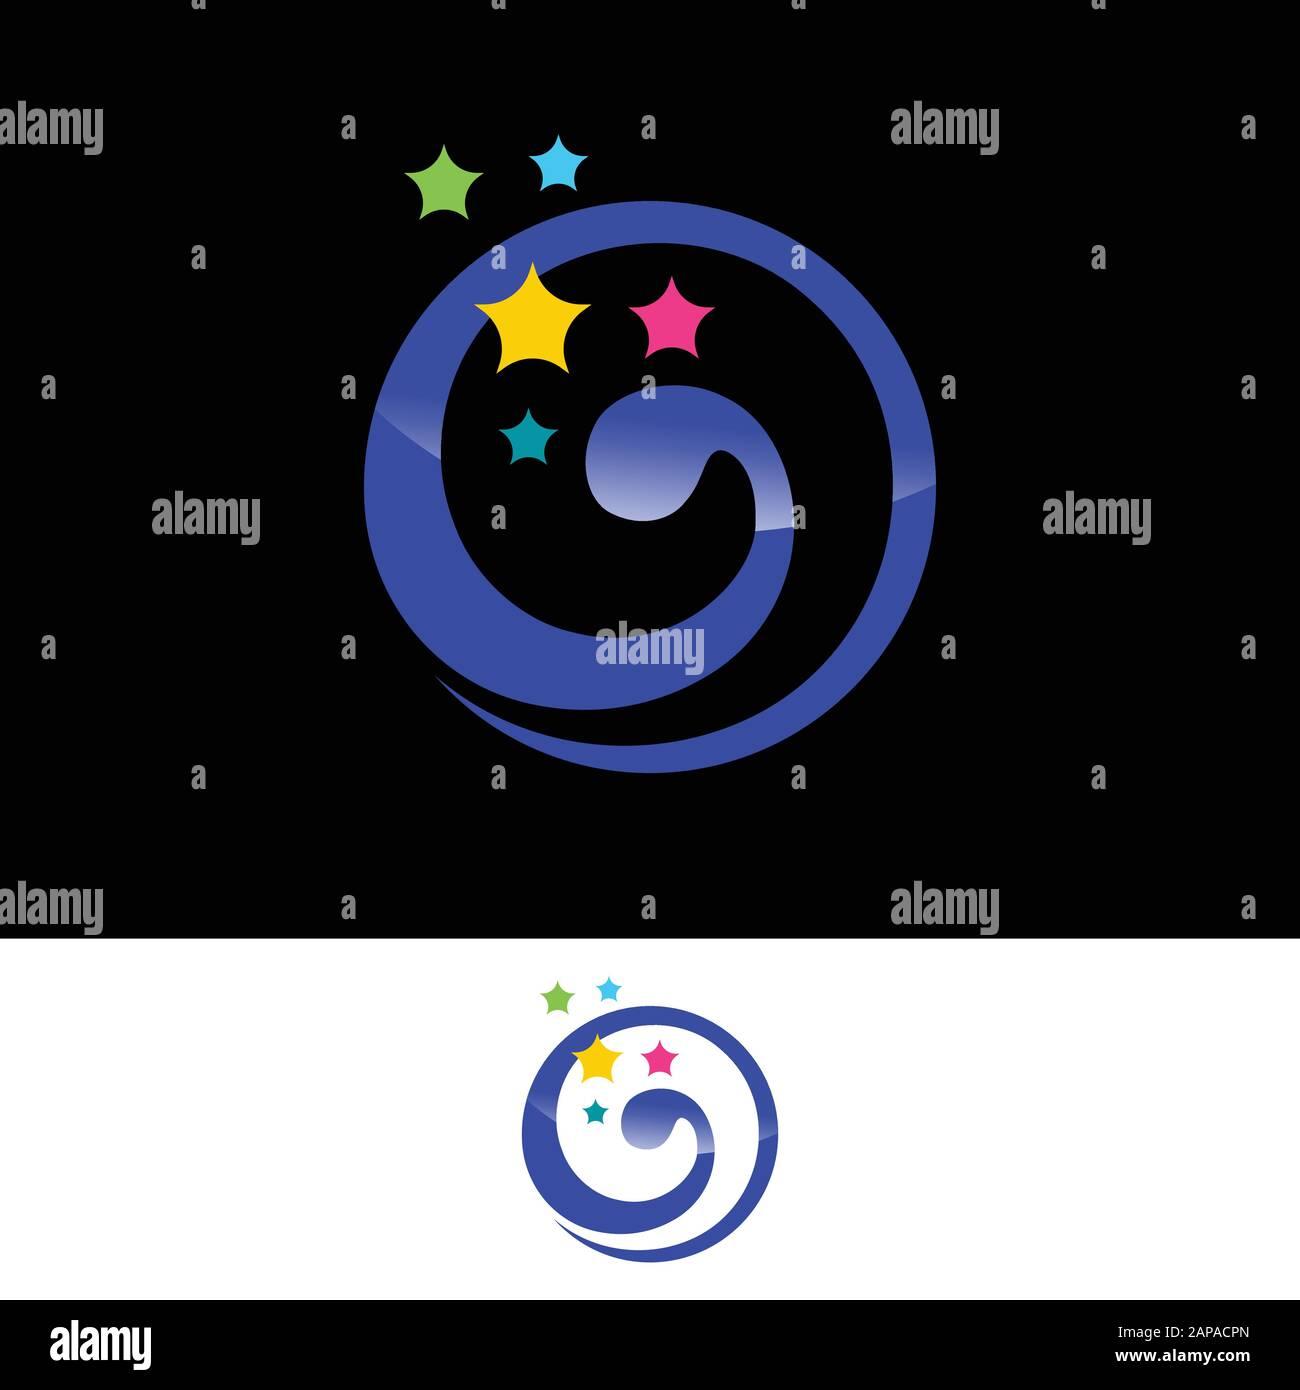 Dream Logo Design. Dream Logo Vector Template Stock Vector